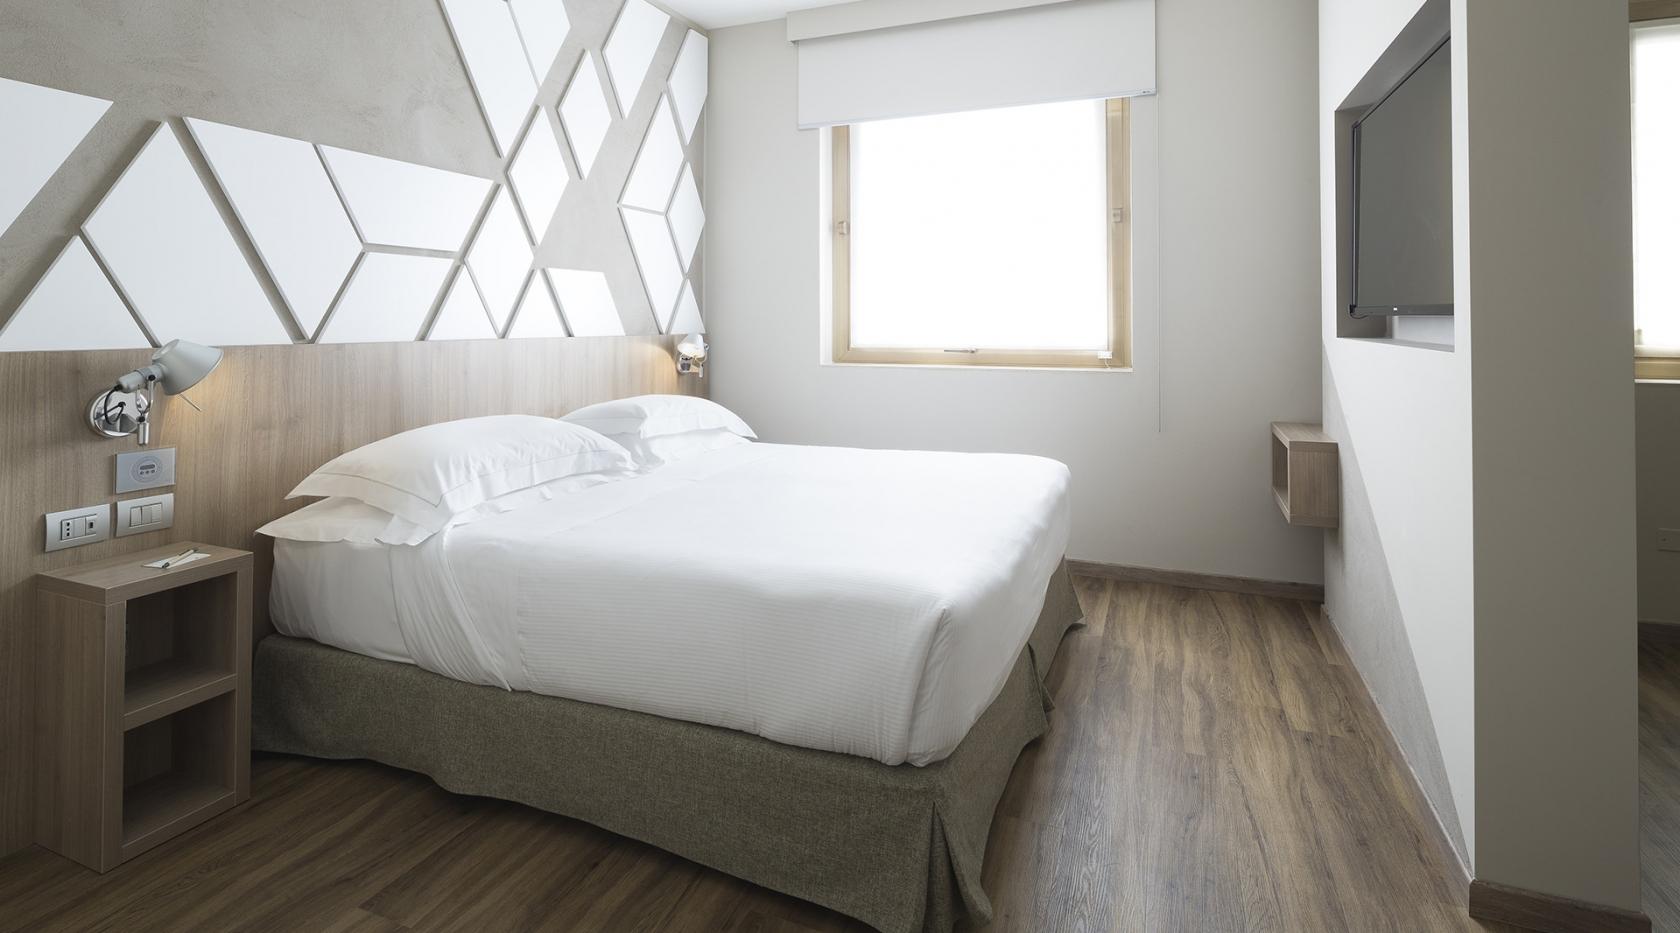 La camera ideale per famiglie al BW Plus Park Hotel Pordenone